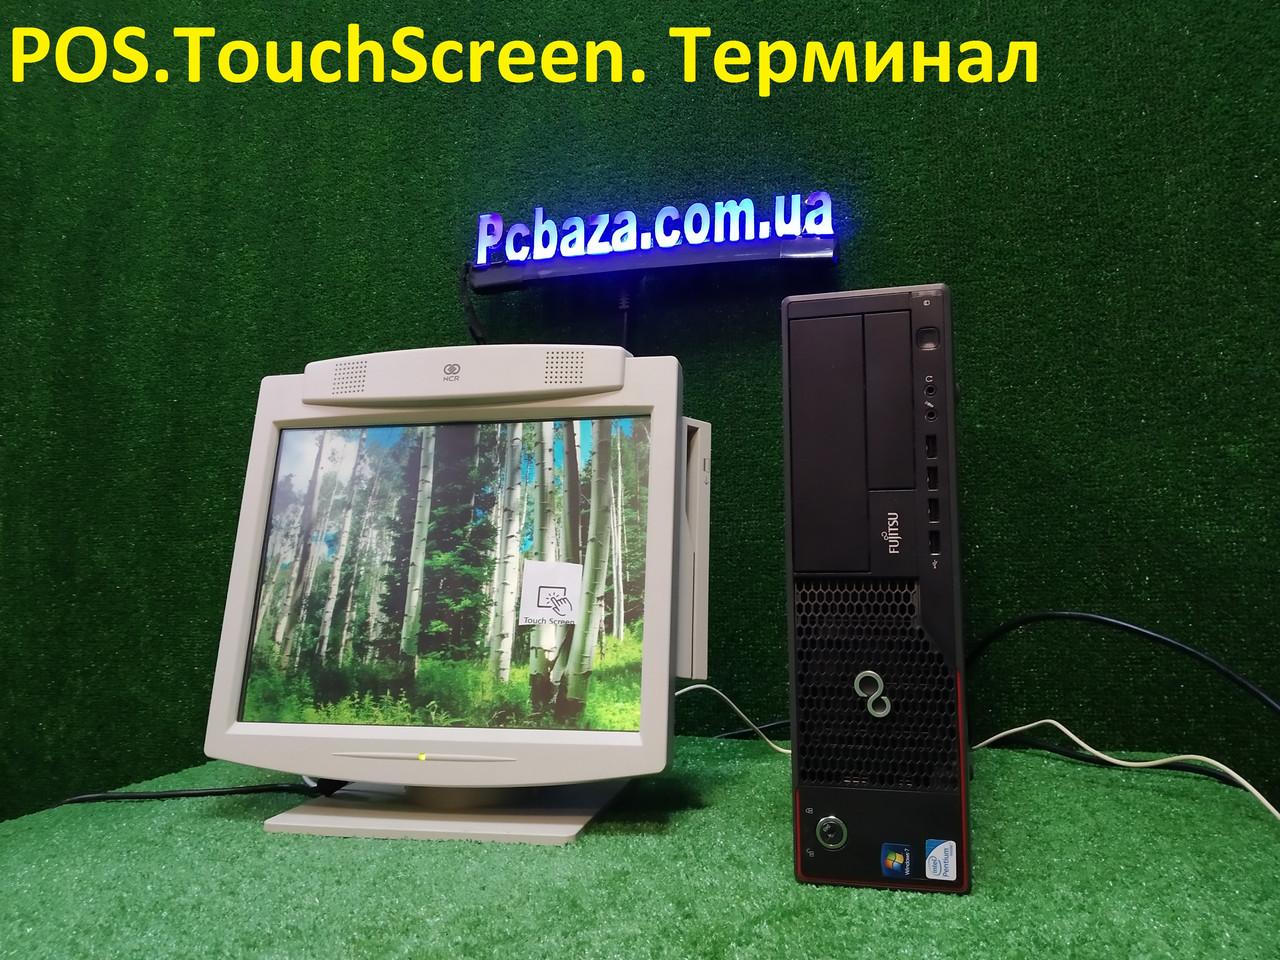 """POS Торговый терминал Fujitsu E700\ Core i3 \4gb\160GB + 15"""" LG Touchscreen"""